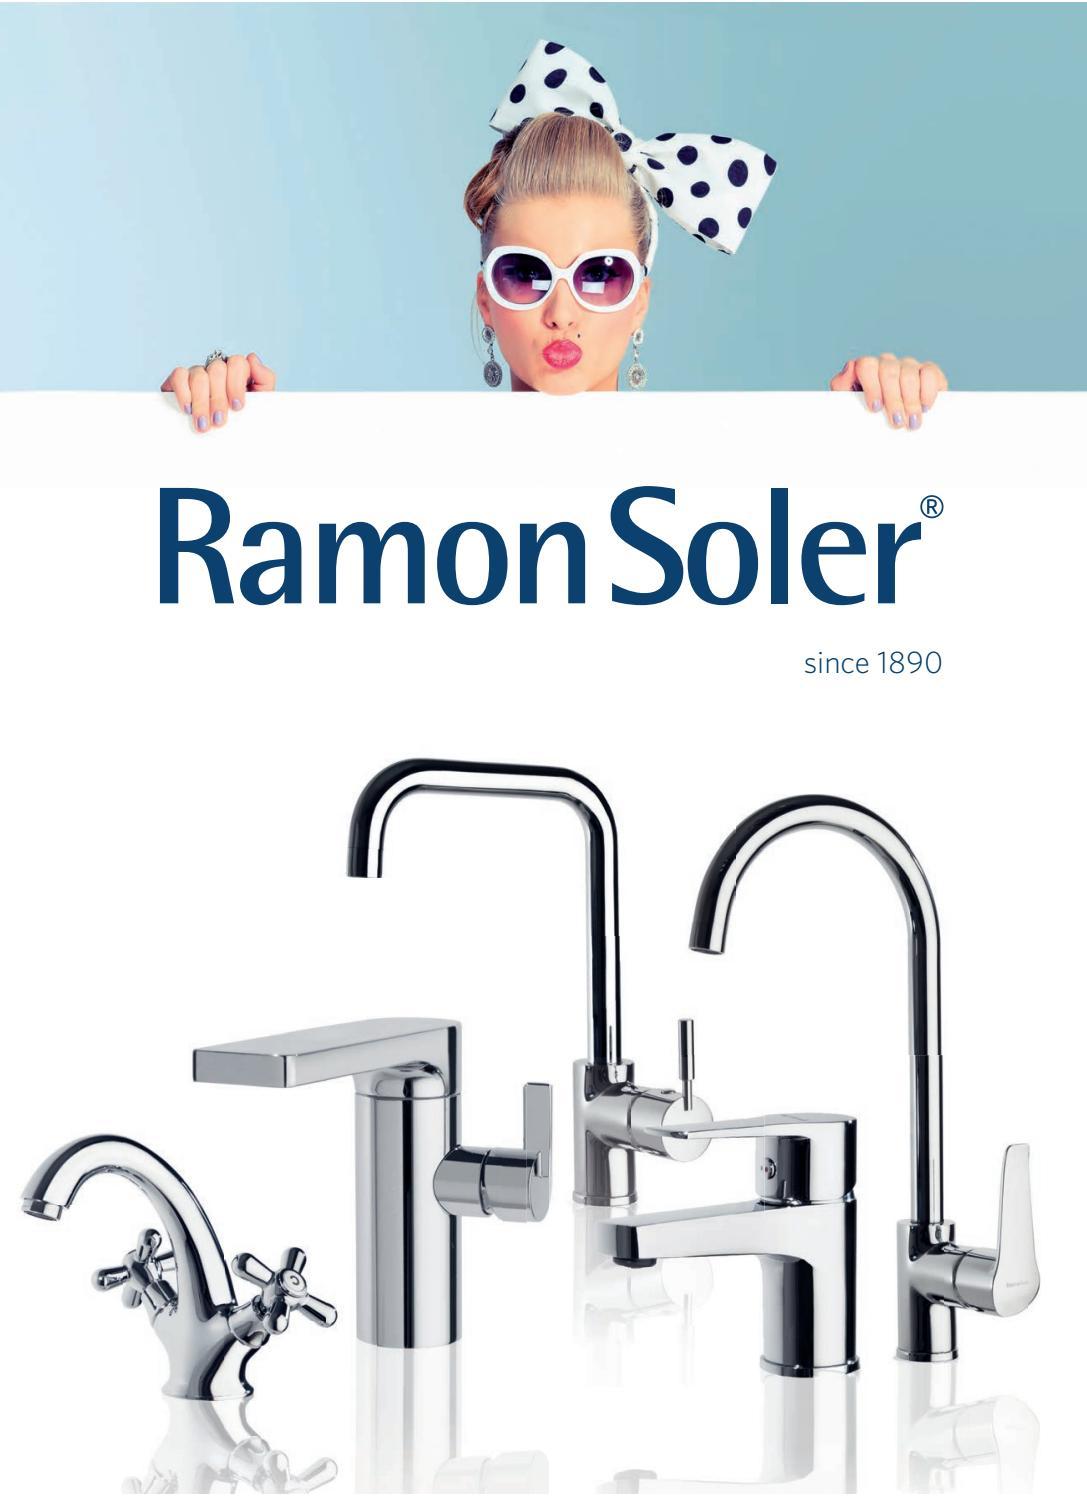 Arola Ramon Soler 226536 Termost/ático de Ba/ño-Ducha con inversor Integrado en Mando caudal en Acabado Cromado